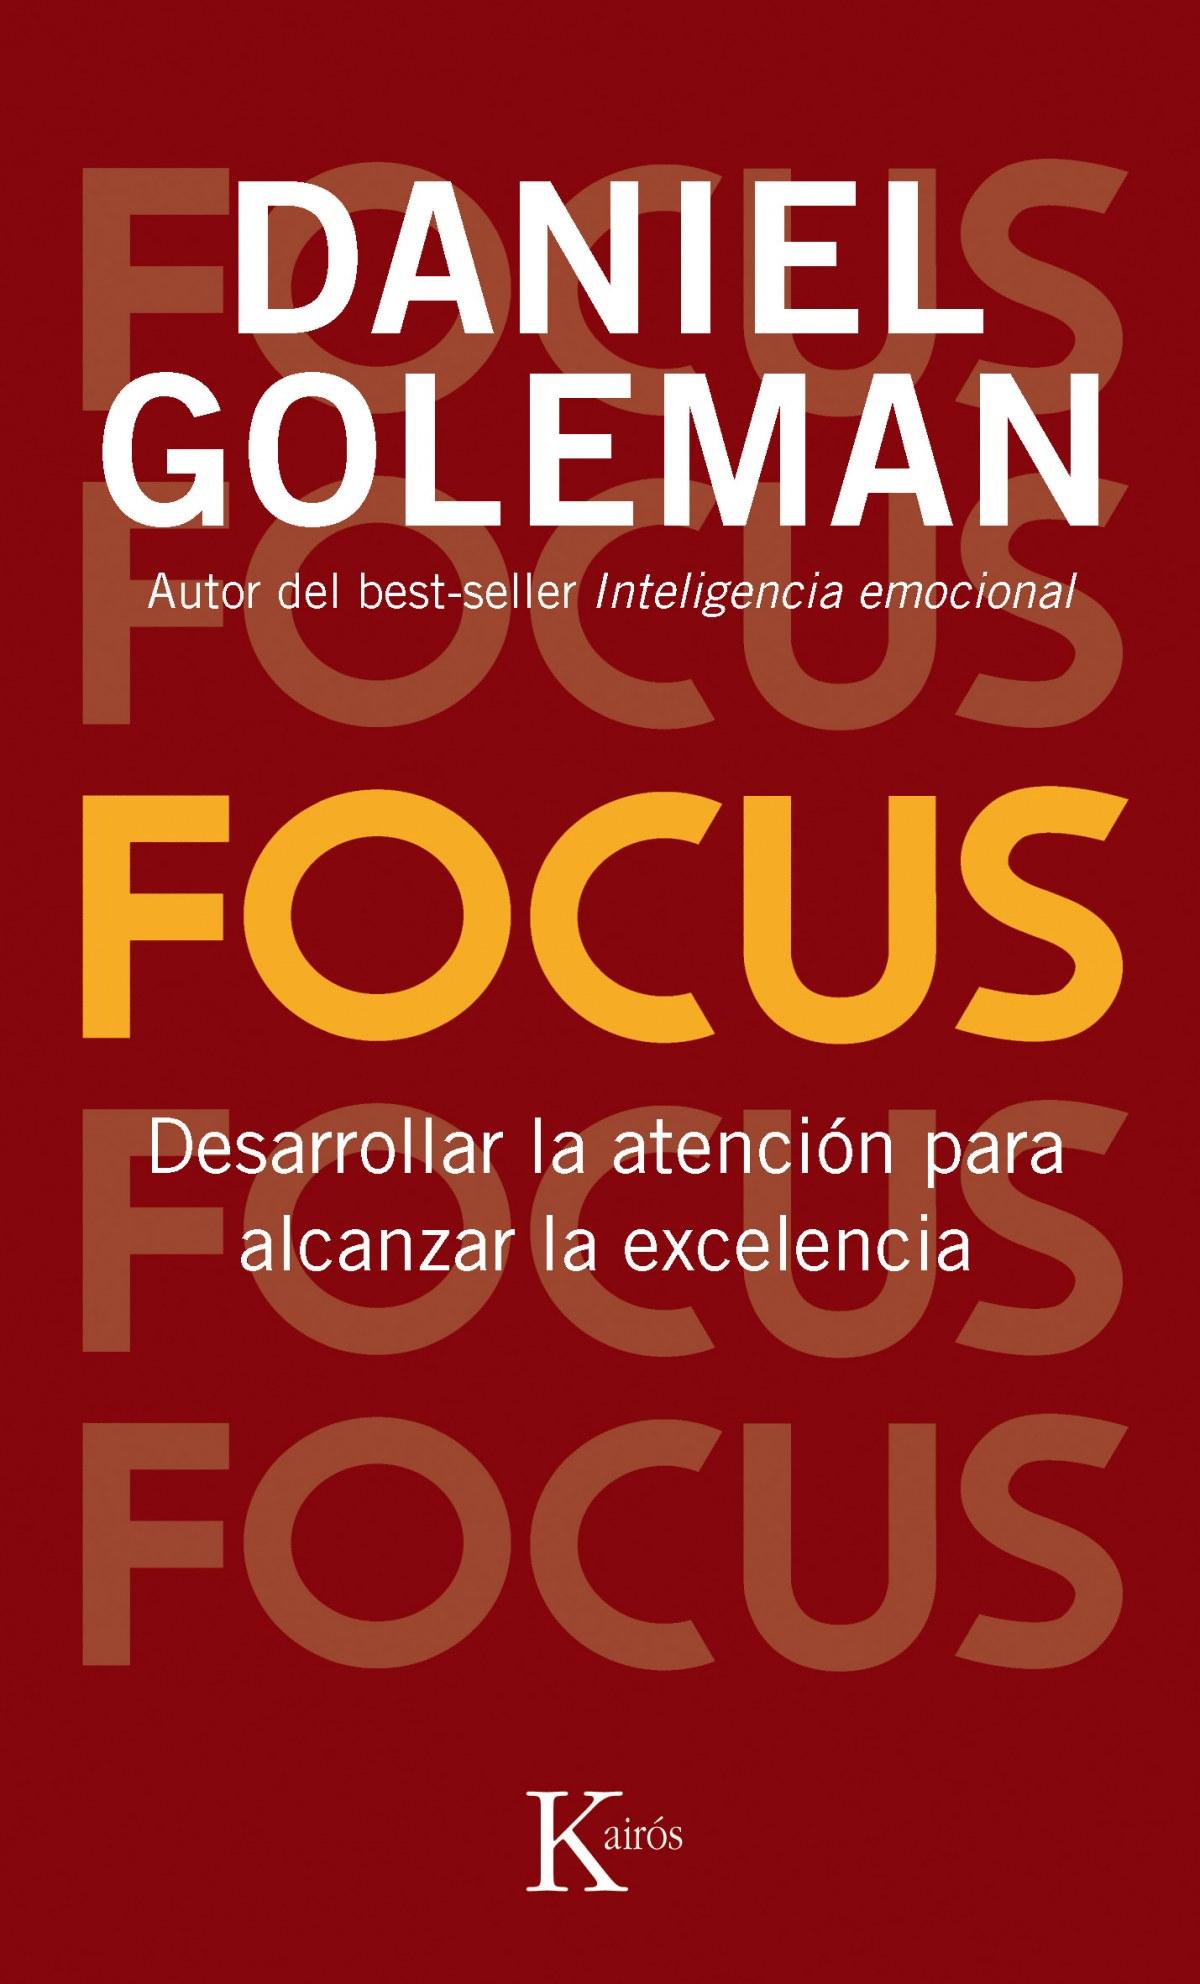 Focus 9788499883052